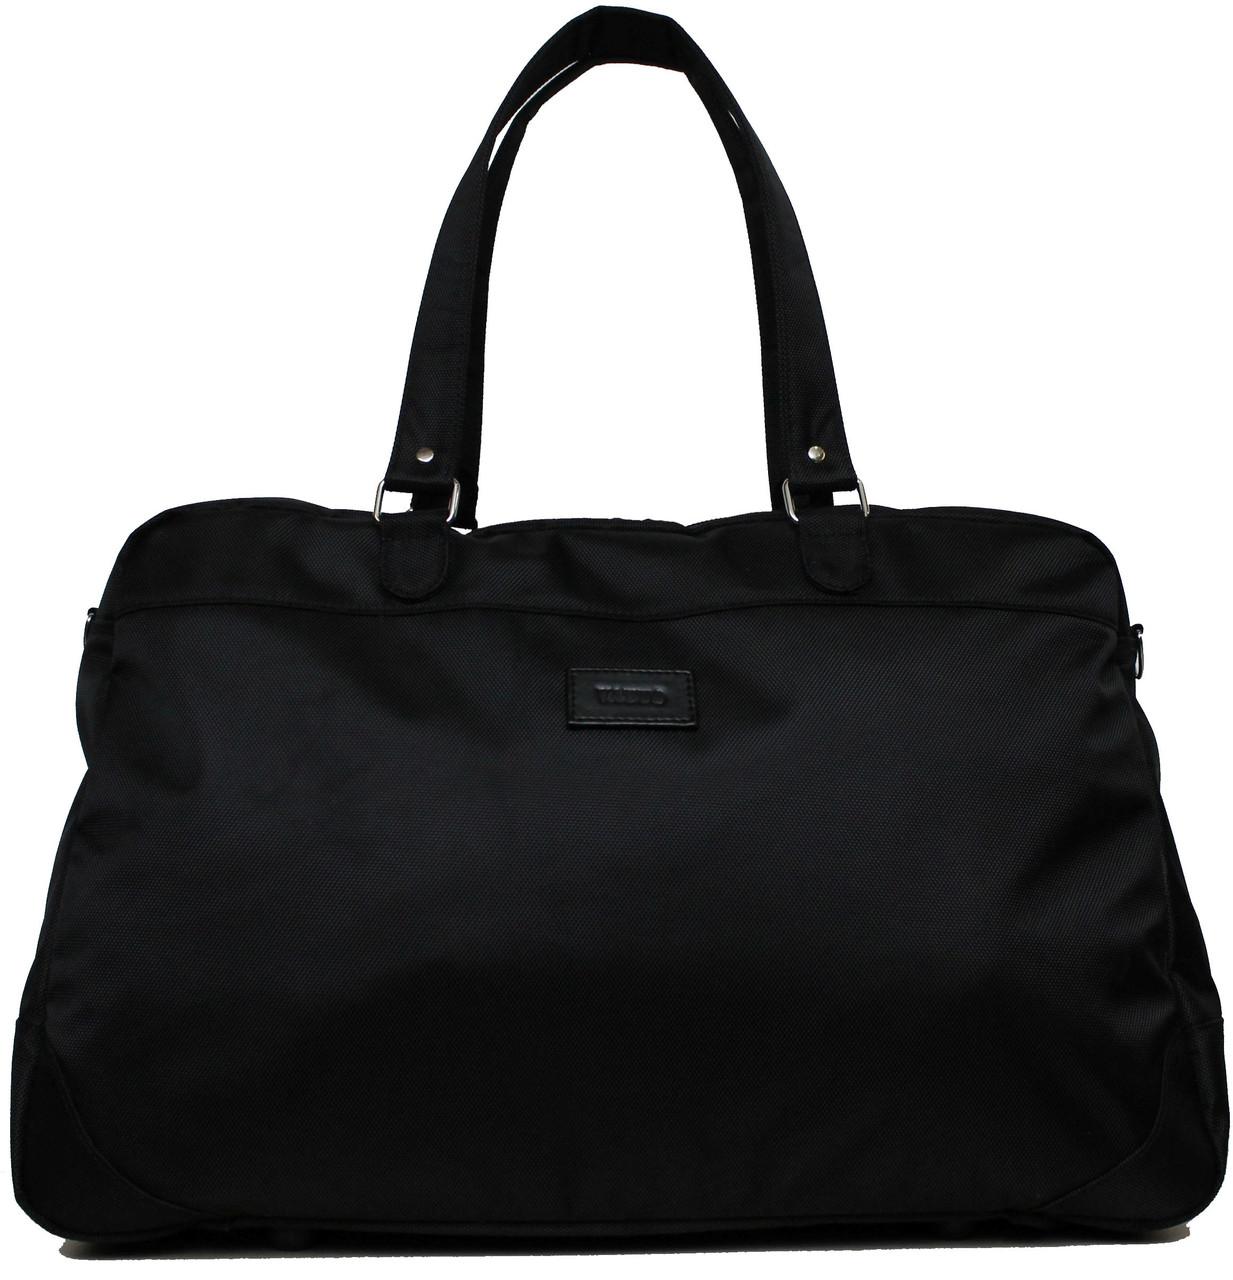 Дорожная сумка VATTO B14 N1 из нейлона 30 л, черный